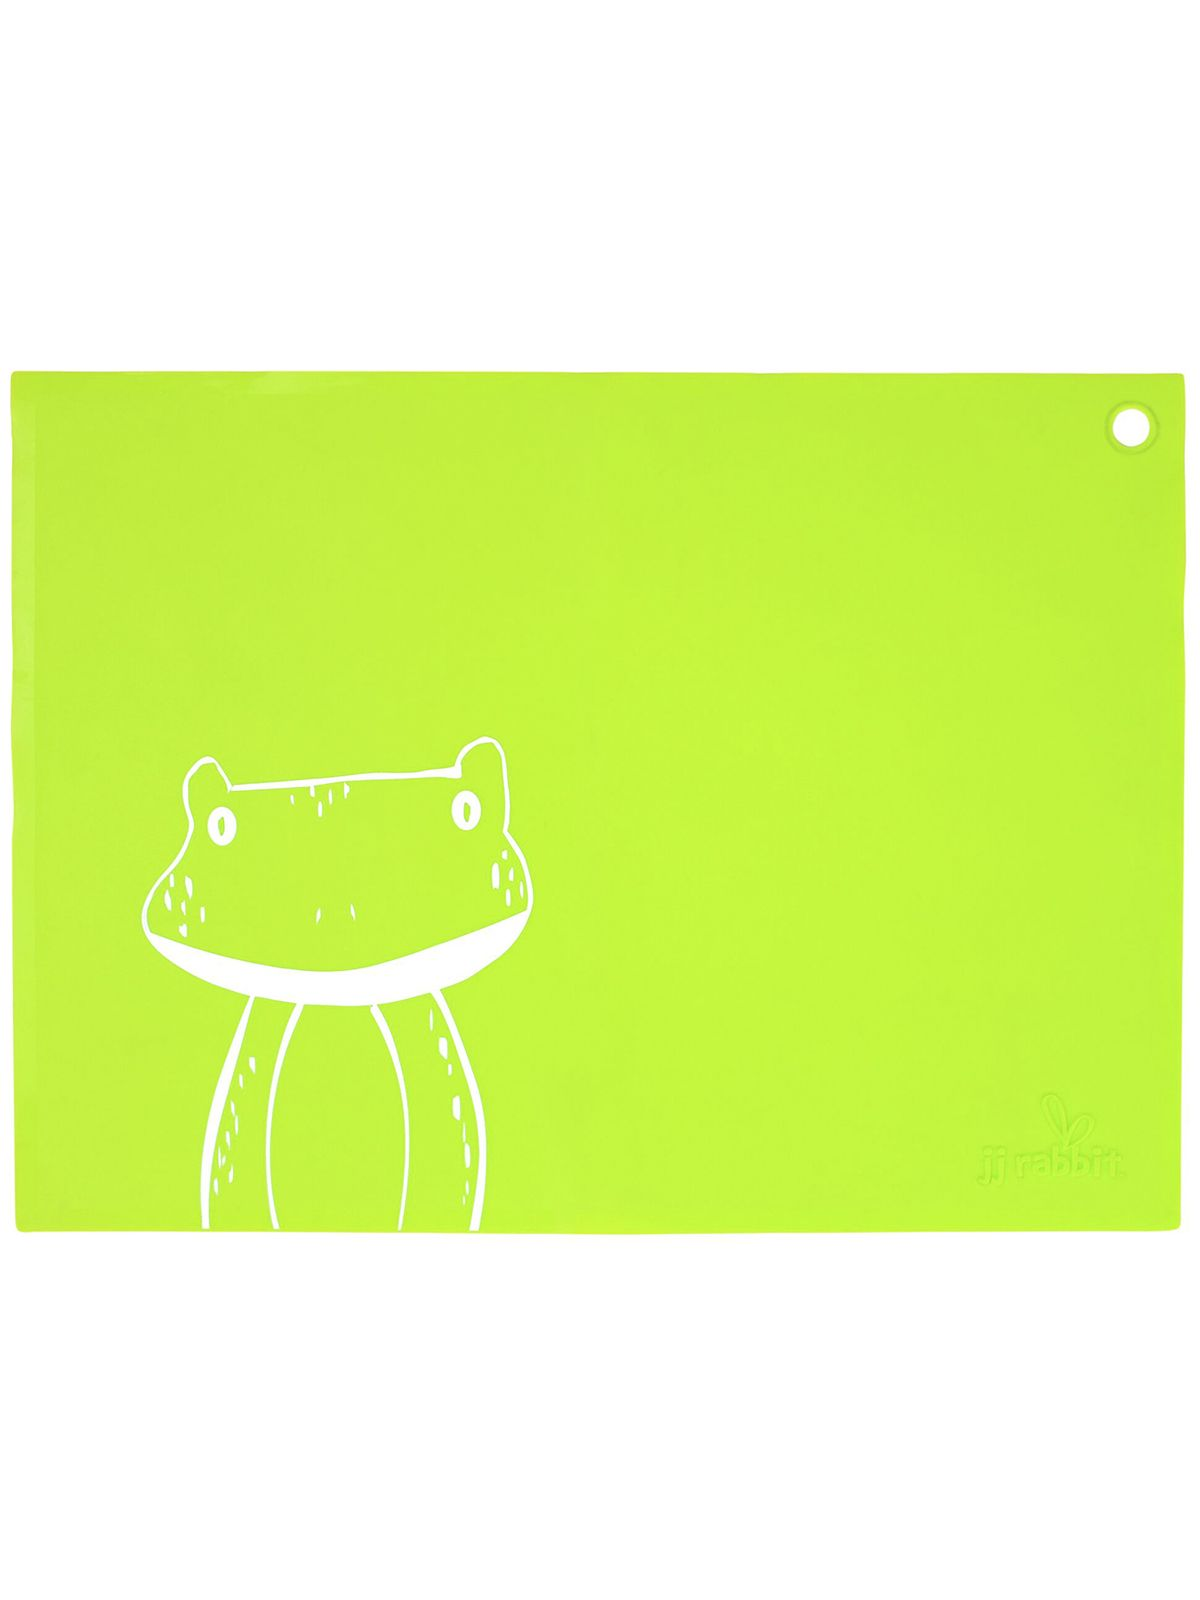 Пинкл (Pinkl) | Коврик для кормления siliMAT лягушонок | Jjrabbit Silimat Frog